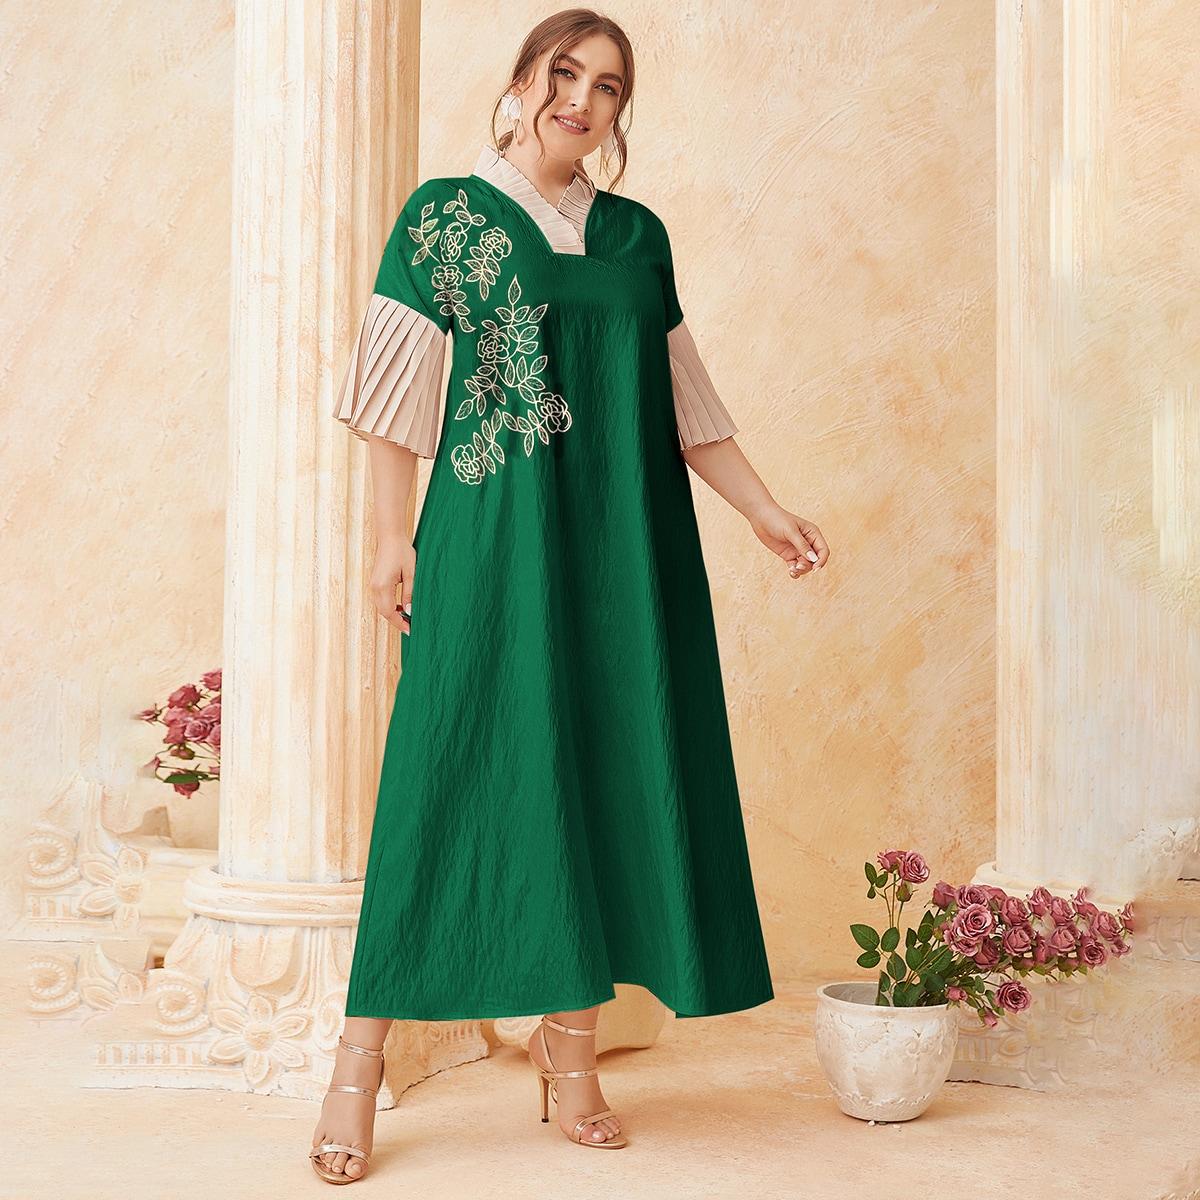 Армейский зеленый Вышивка Цветочный Элегантный Платья размер плюс